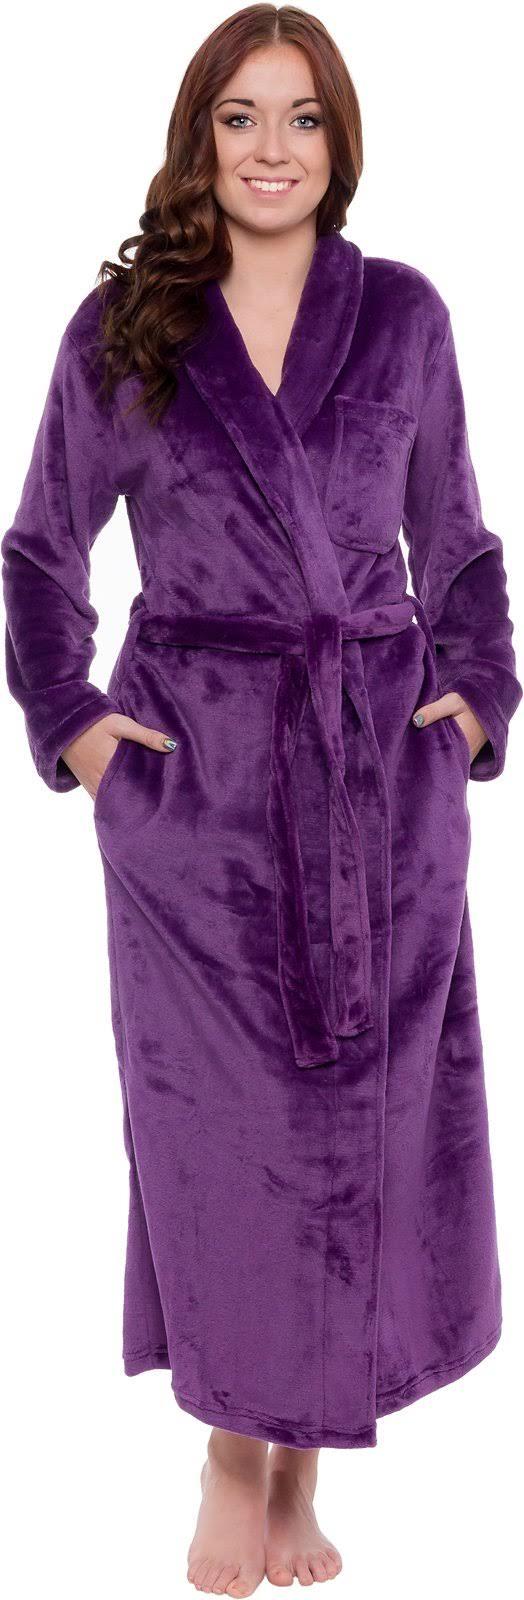 Silver Kimono W Wrap Plush Lilly Mujer Long Tie Albornoz Púrpura Womens Belt Loungewear OwIgOqr